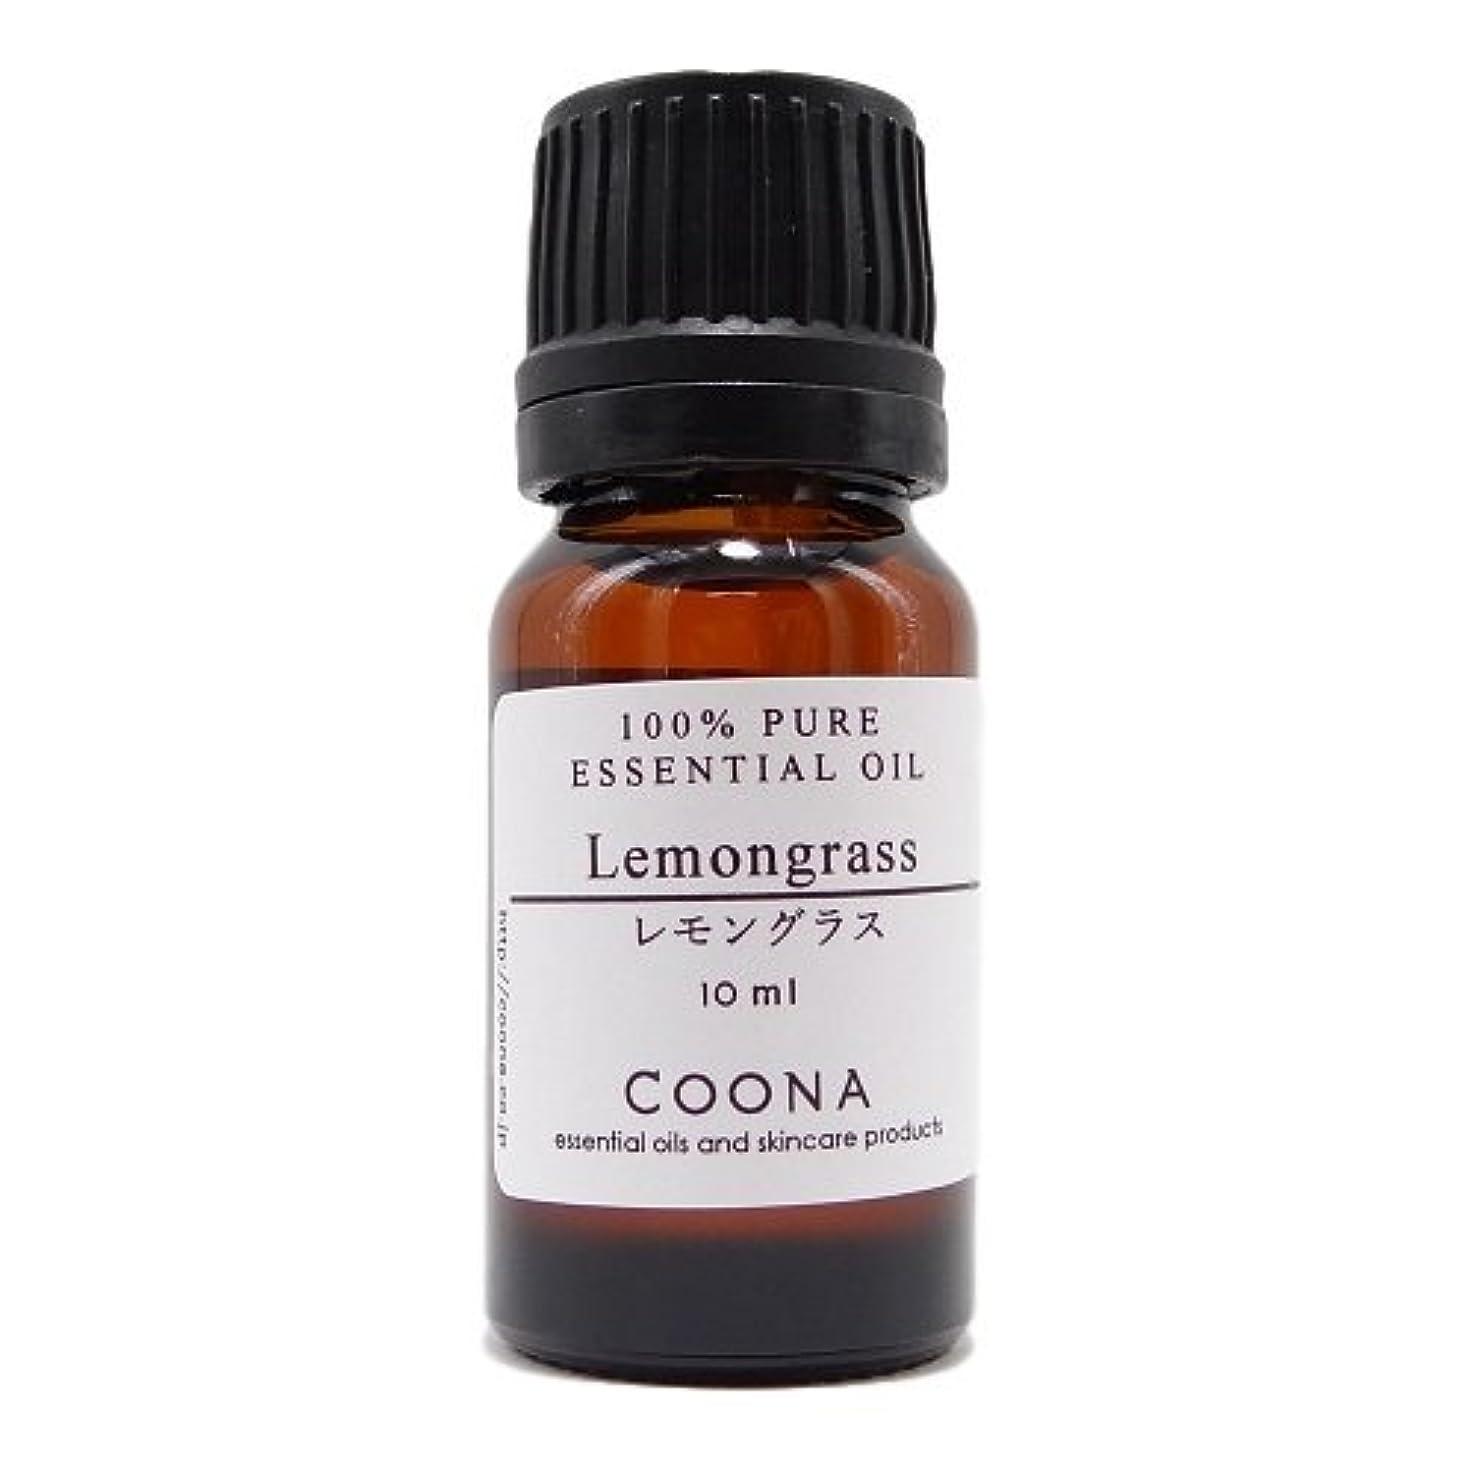 小石宿る混合レモングラス 10 ml (COONA エッセンシャルオイル アロマオイル 100%天然植物精油)